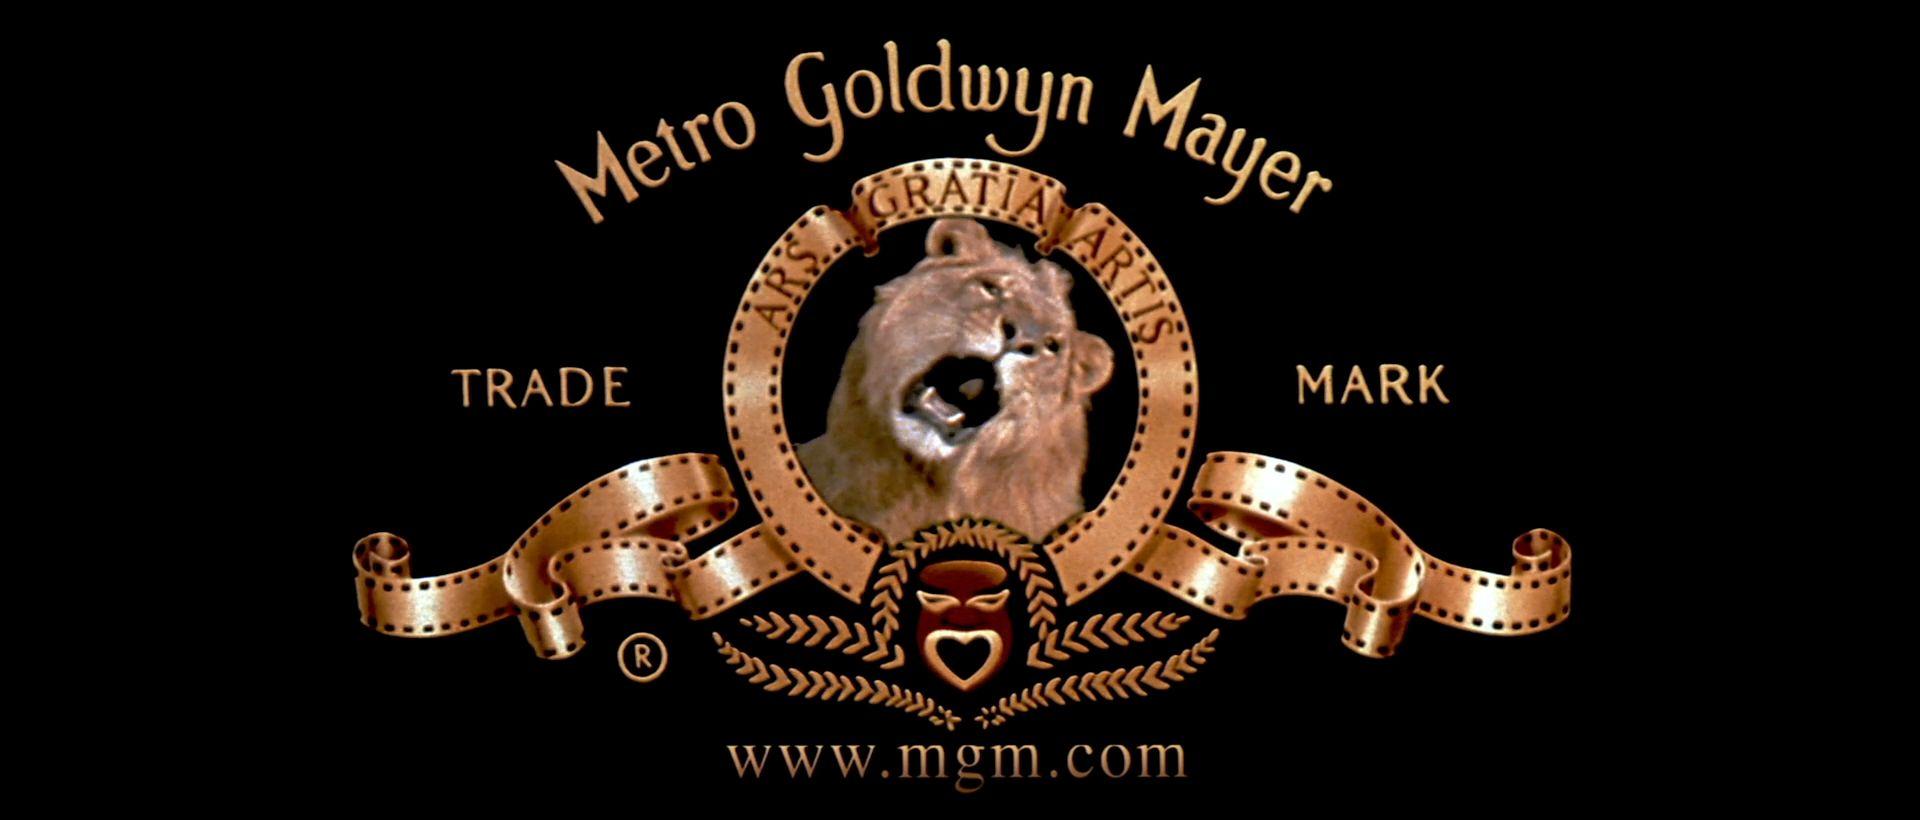 Metro Goldwyn Mayer (2001) in 2019.